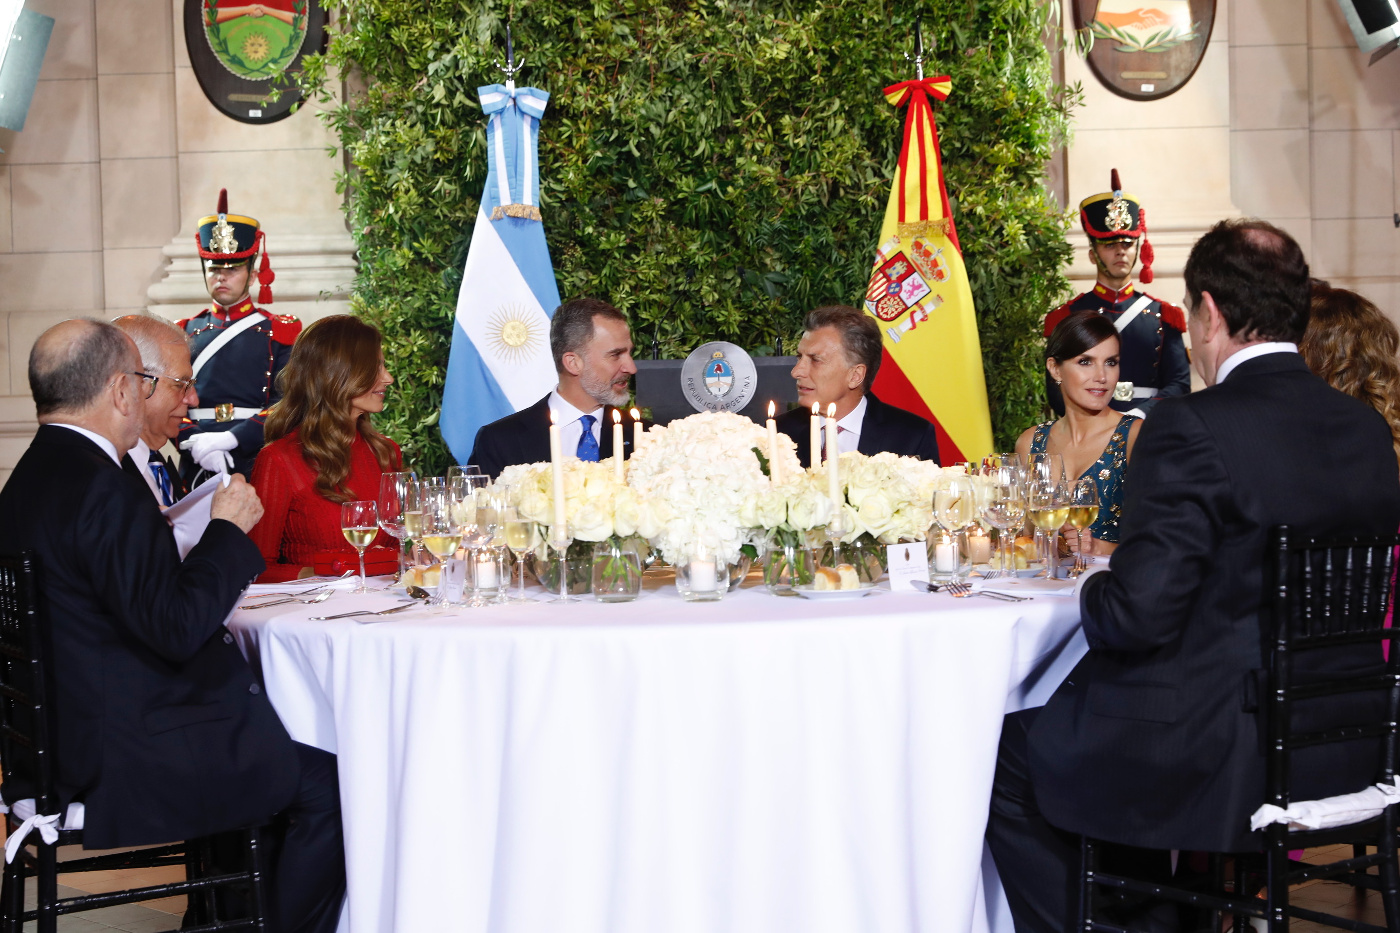 Beim Gala-Dinner waren rund 400 Gäste eingeladen.  © Casa de S.M. el Rey